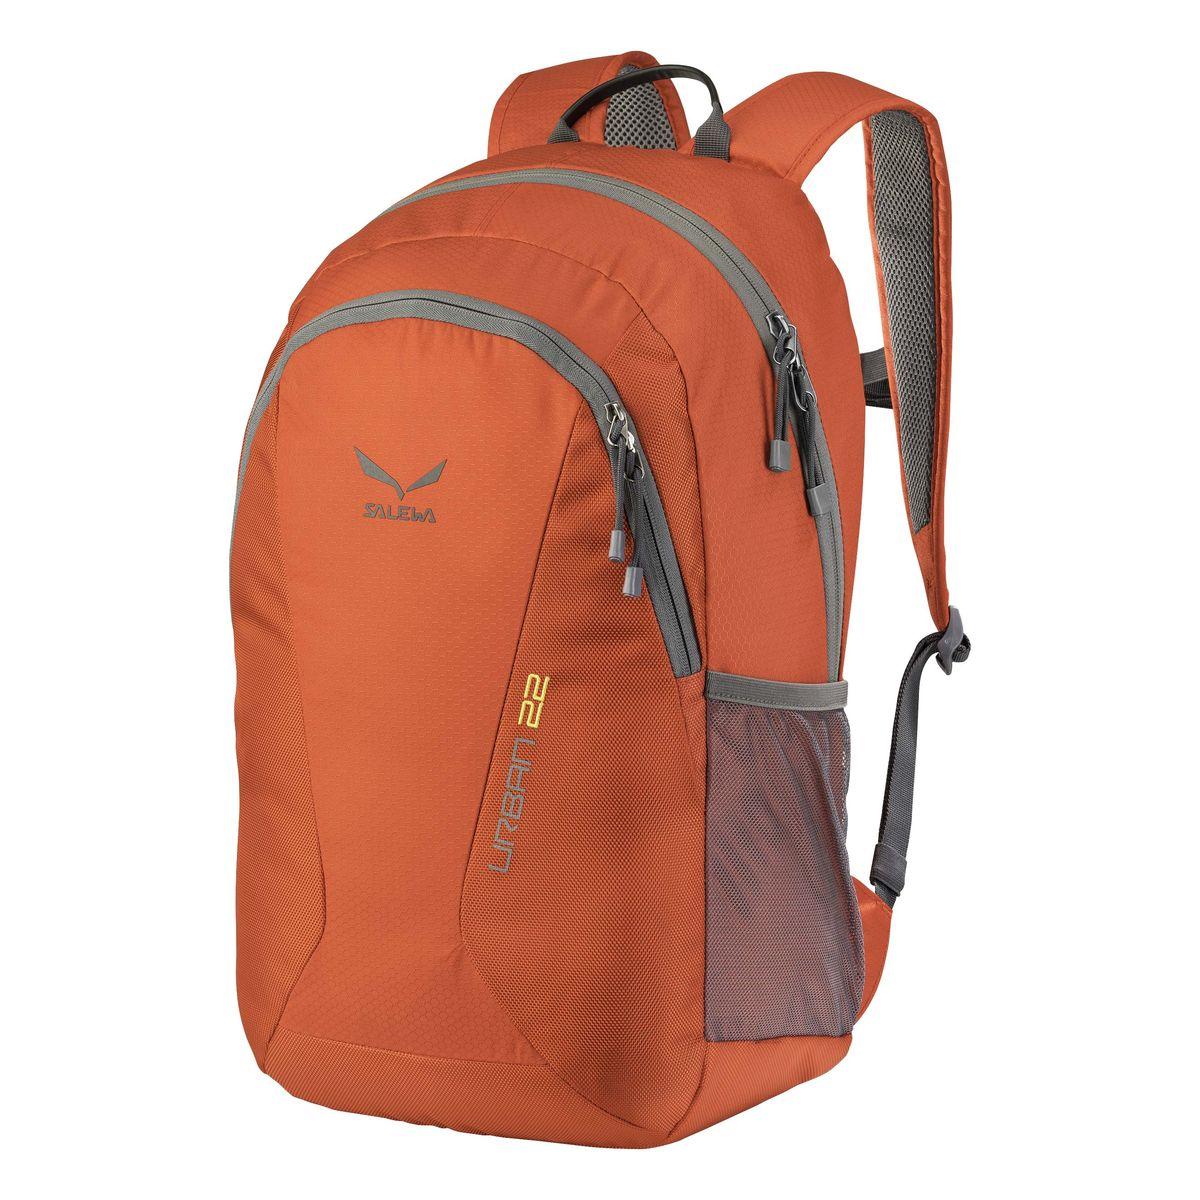 Рюкзак городской Salewa Daypacks URBAN 22, цвет: красный, 22л1132_1500Удобный, вместительный и функциональный городской рюкзак Urban 22 оранжевый.Подвесная система Airstream обеспечивает отличную вентиляцию и хорошую поддержку во время быстрого движения.